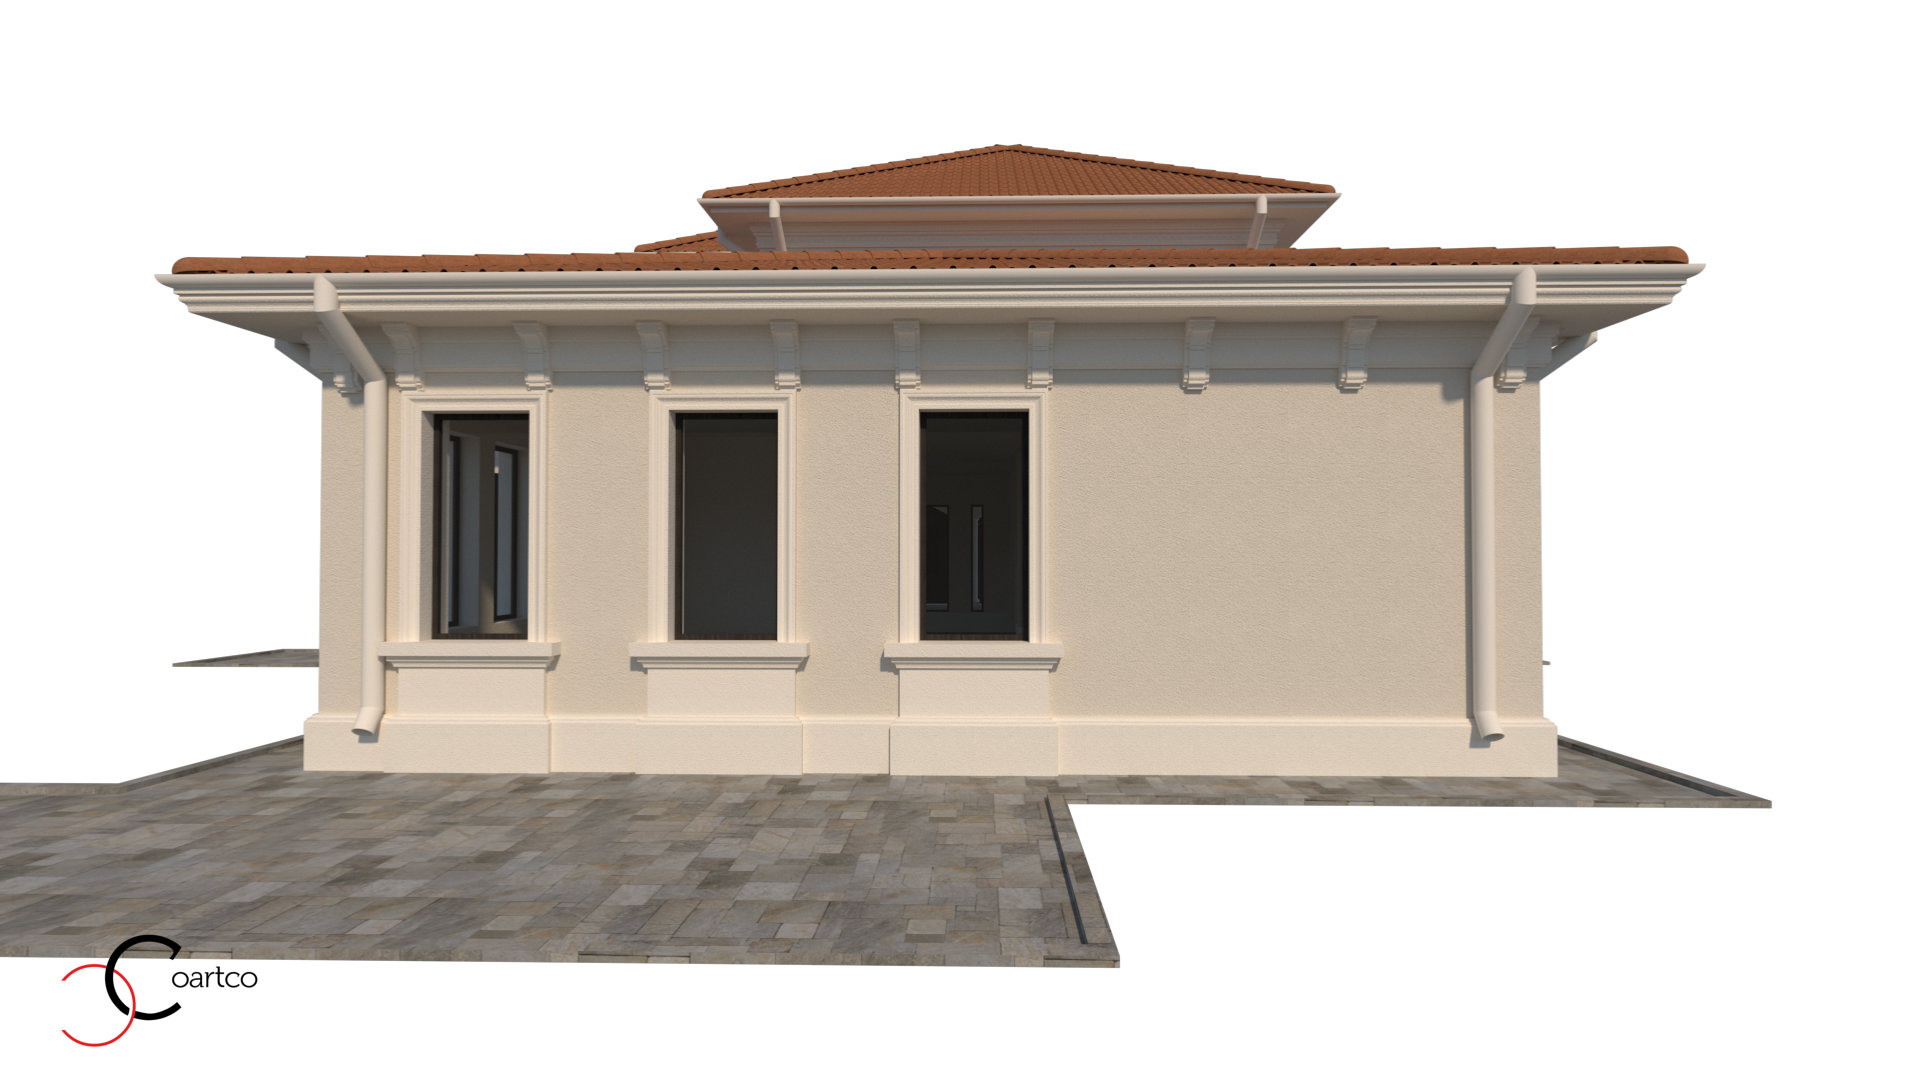 Proiect-casa-profile-coartco